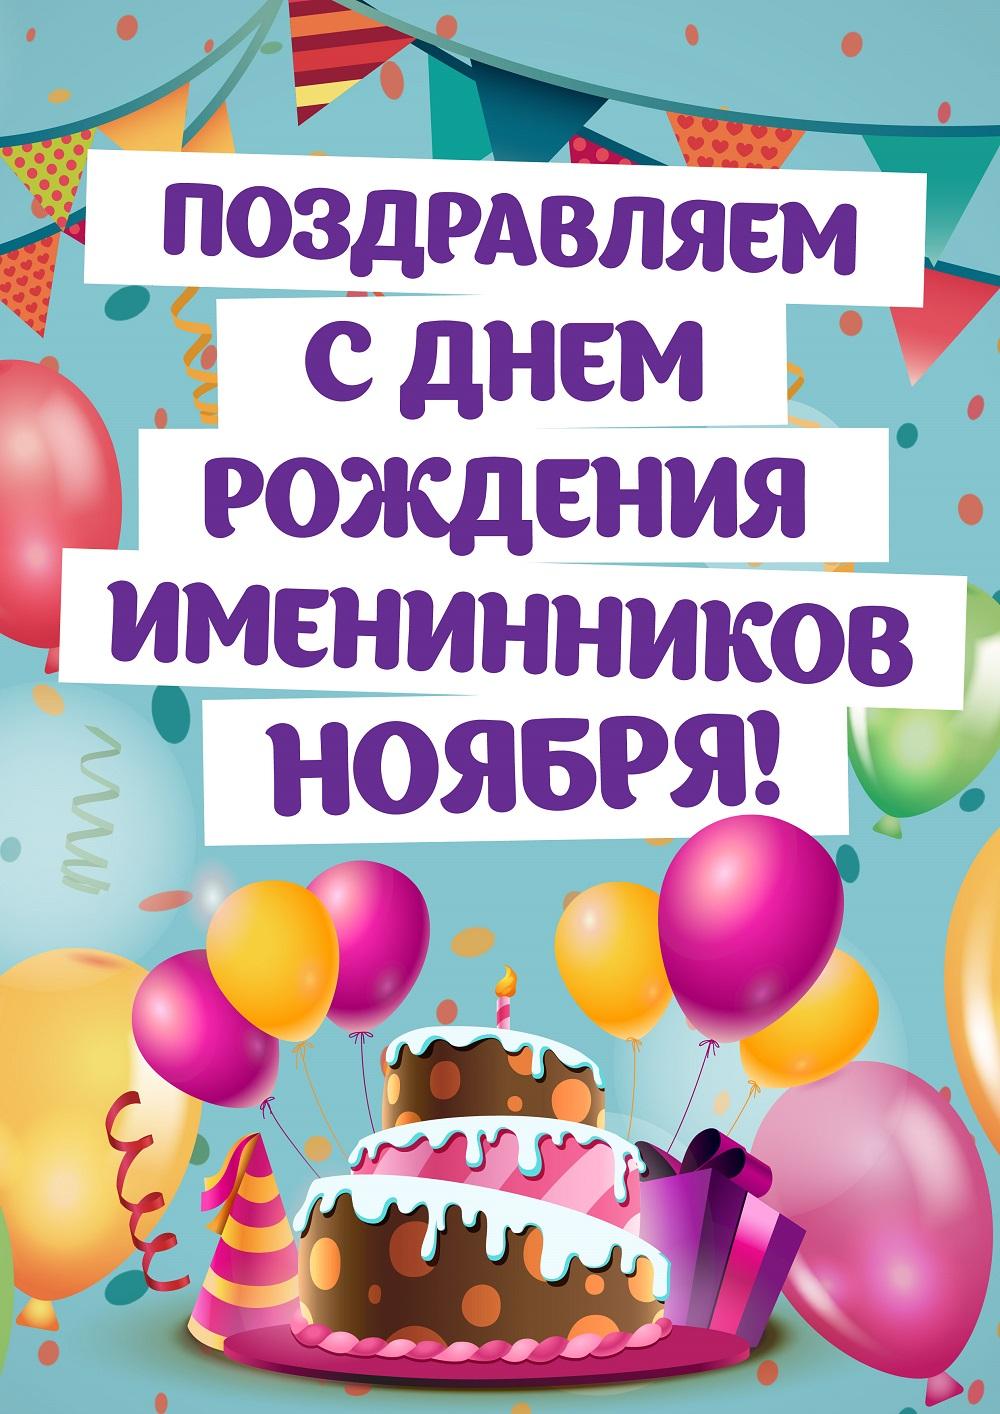 Поздравления в день рождения 23 сентября